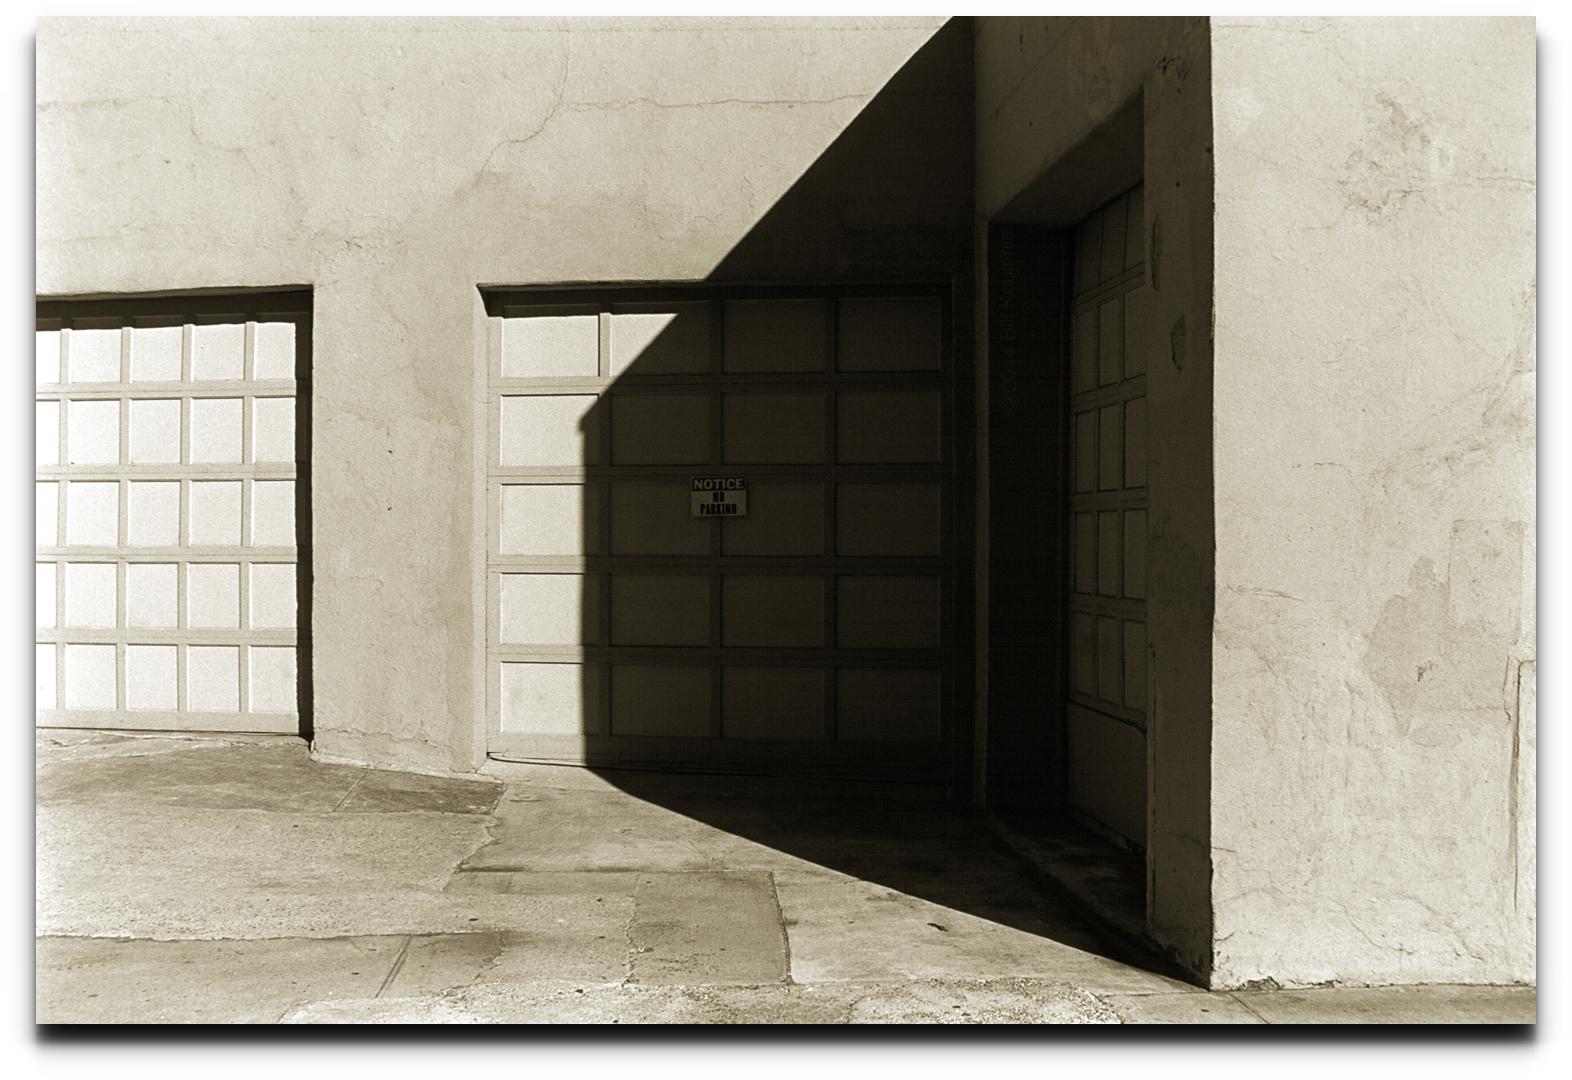 garage159_28_8bit.jpg